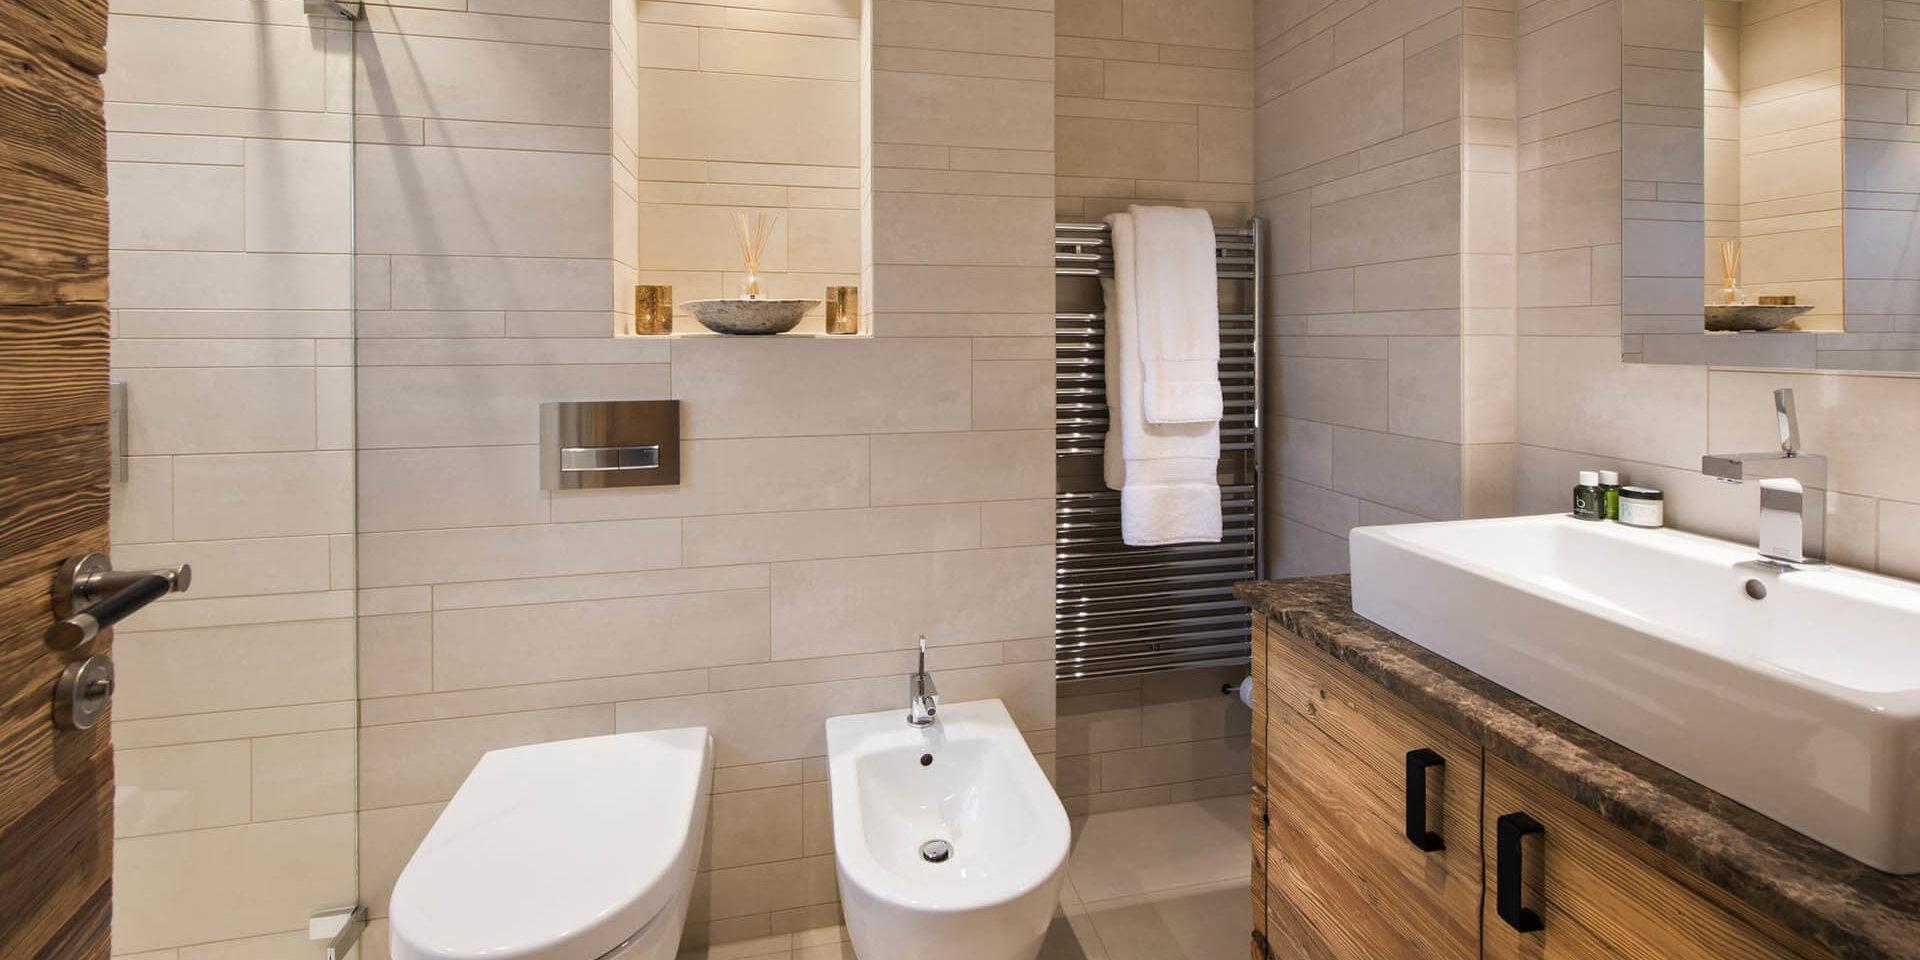 Appartement Rosalp 4 Verbier Les 4 Vallees Zwitserland wintersport skivakantie luxe badkamer douche grote wasbak wastafel witte tegels handdoekenrek